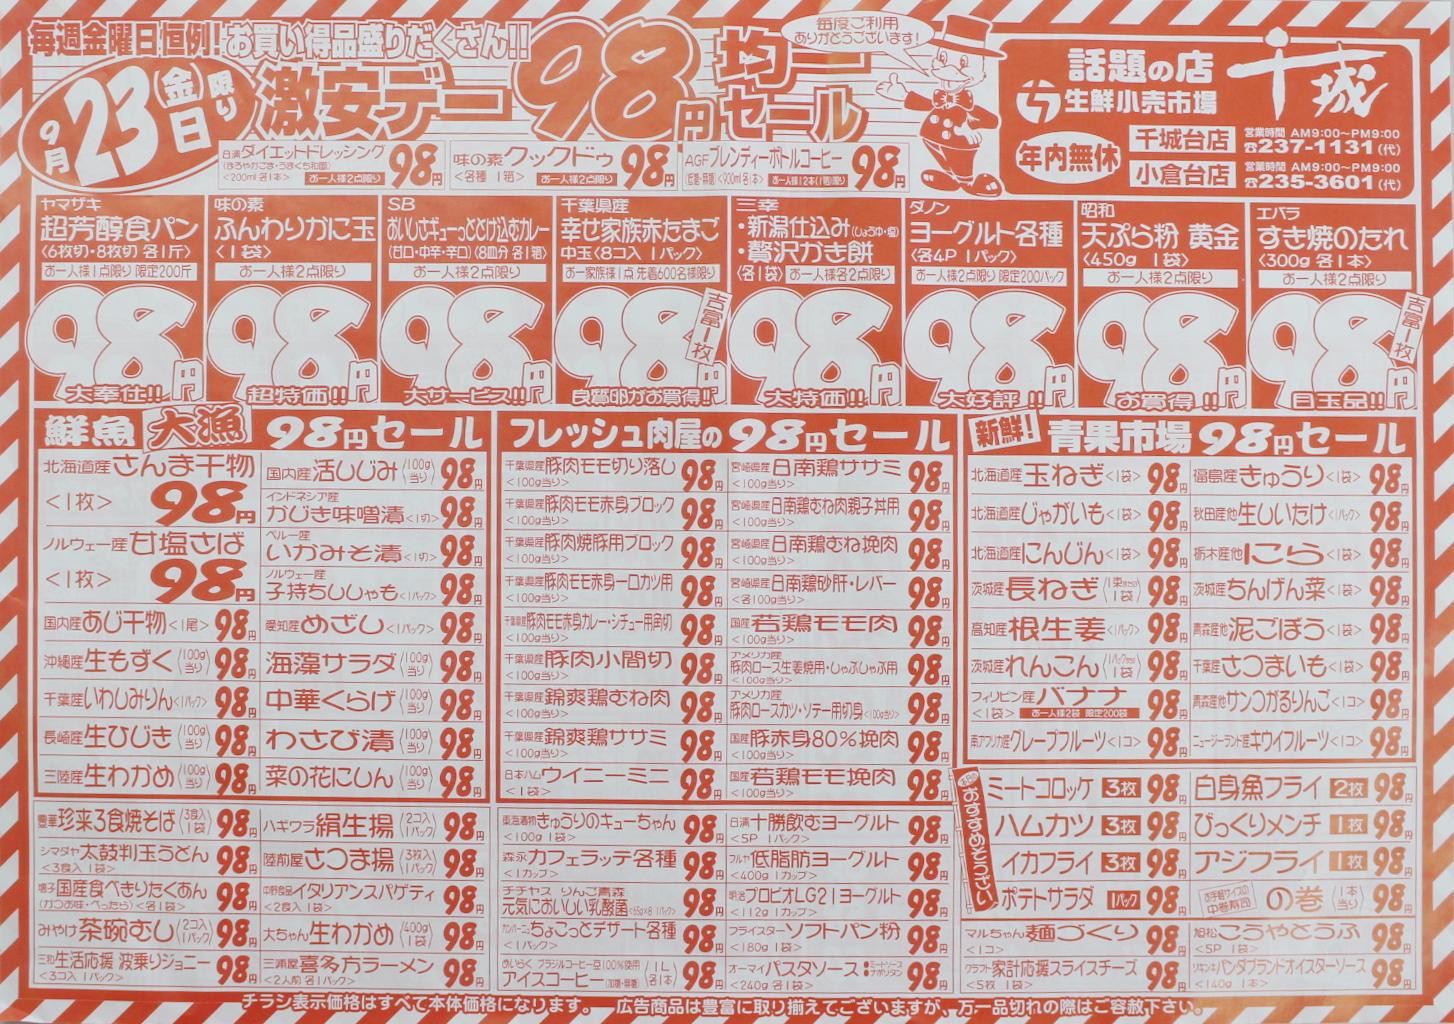 激安デー98円均一セール 鮮度自慢のさかなが安い日! お肉がうまい!!